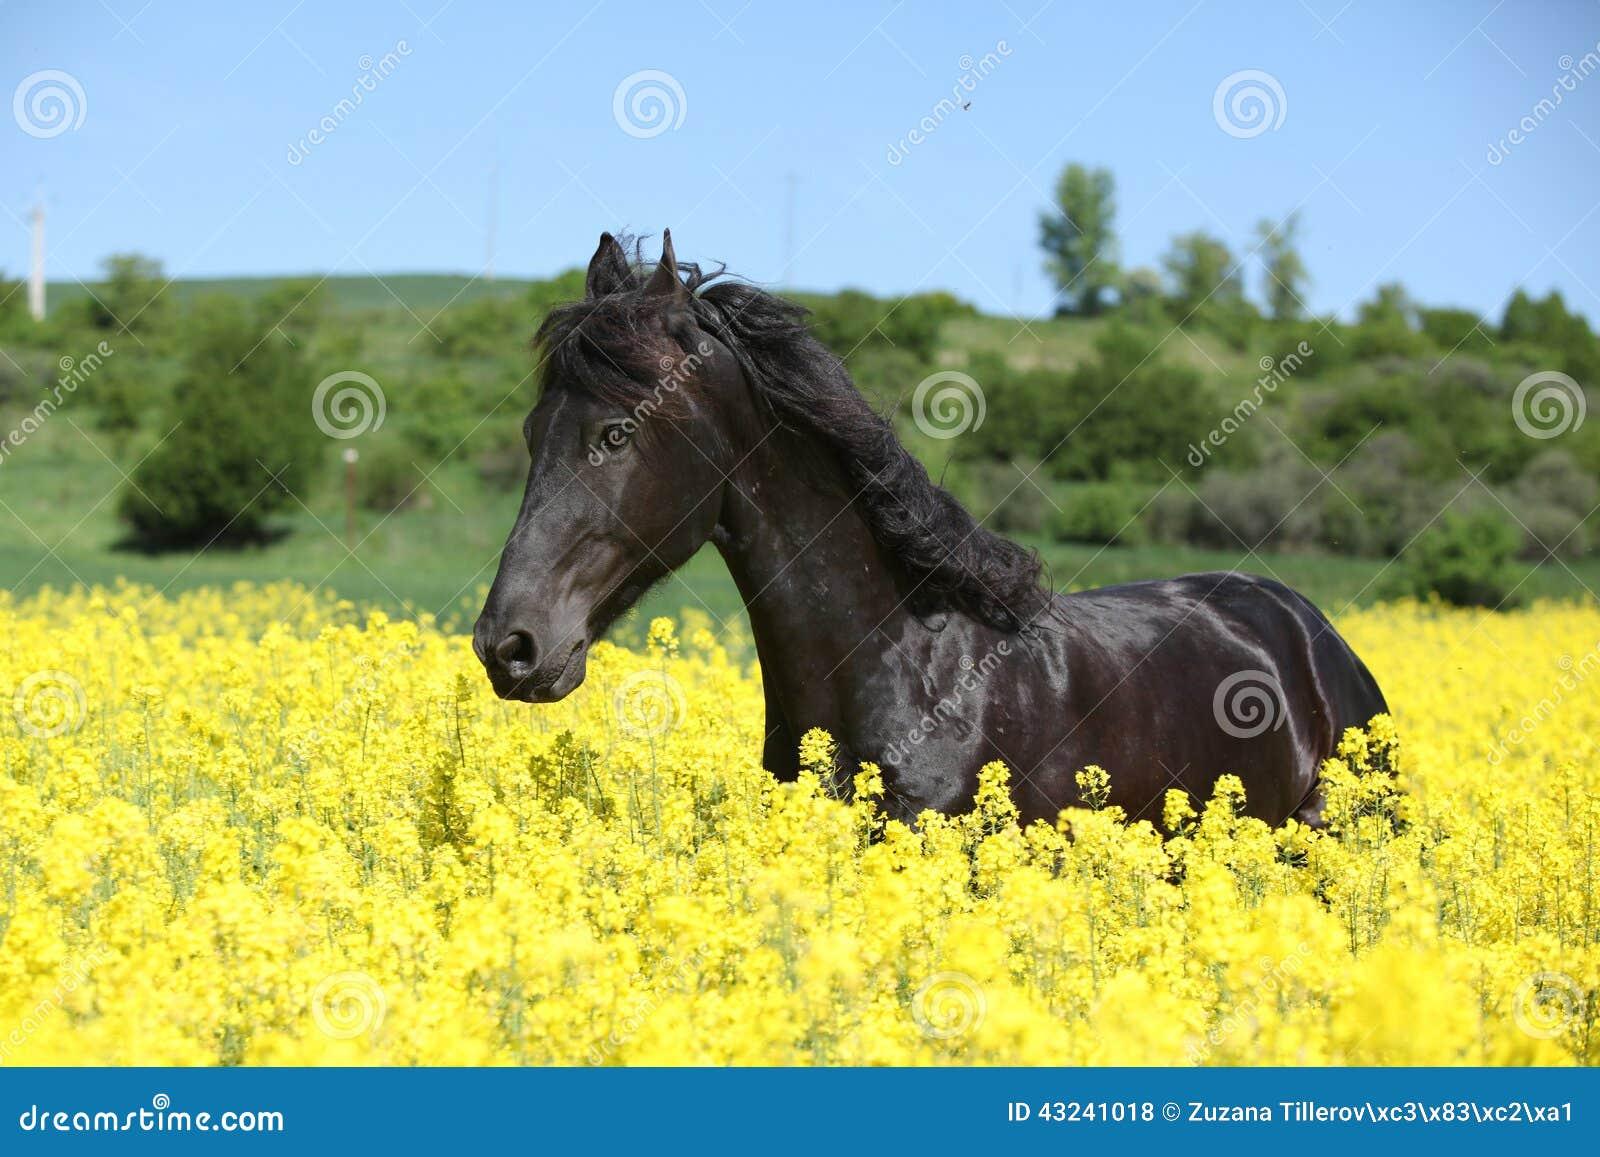 Beautiful Black Friesian Horses Running On Pasturage Stock ...  |Friesian Horses Running